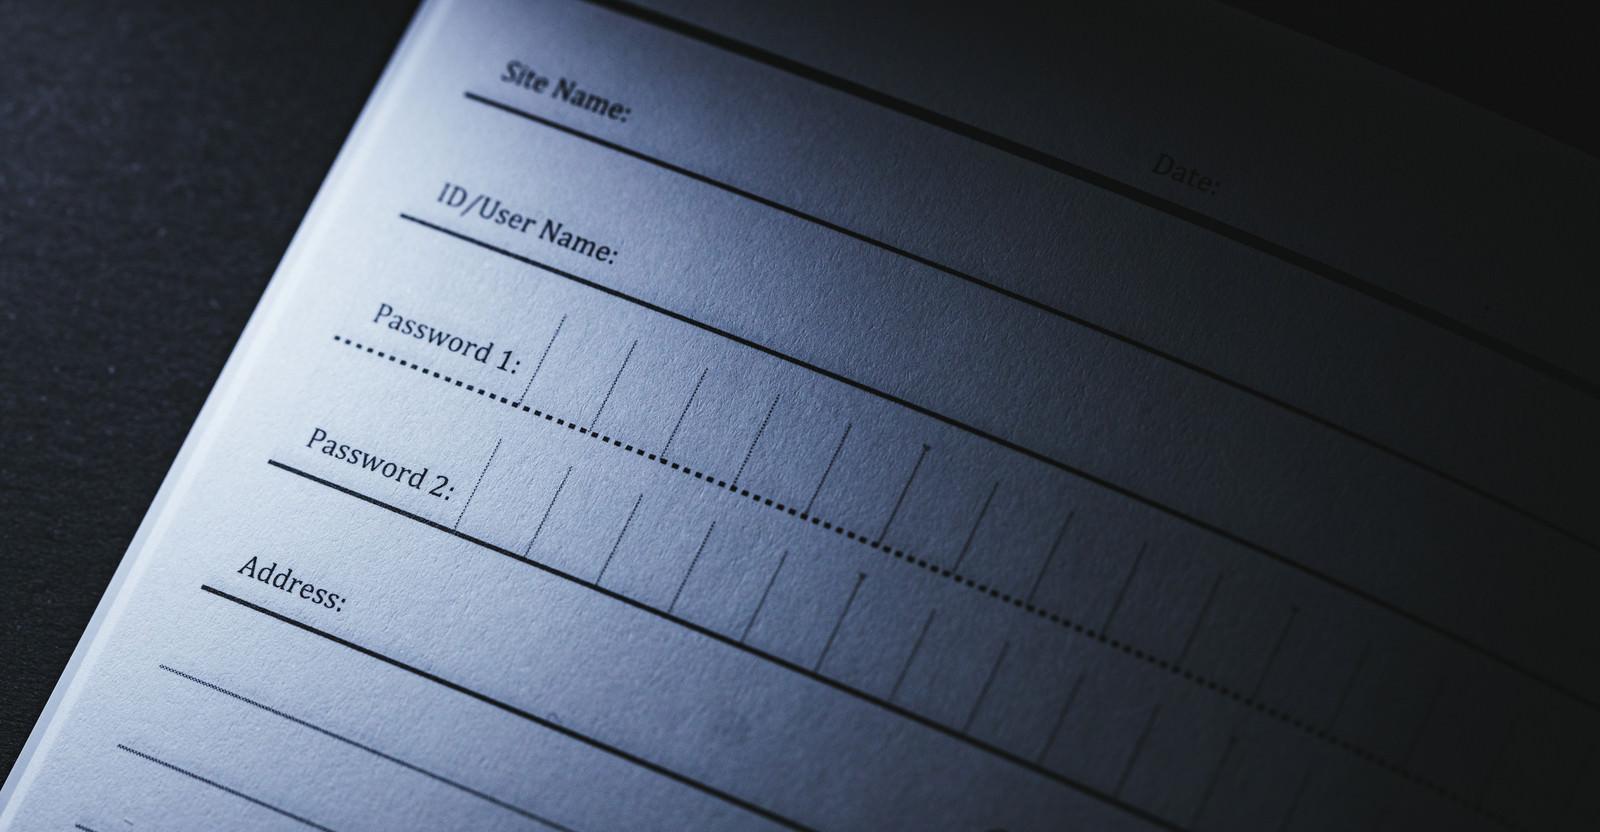 「未記入のパスワード管理帳」の写真